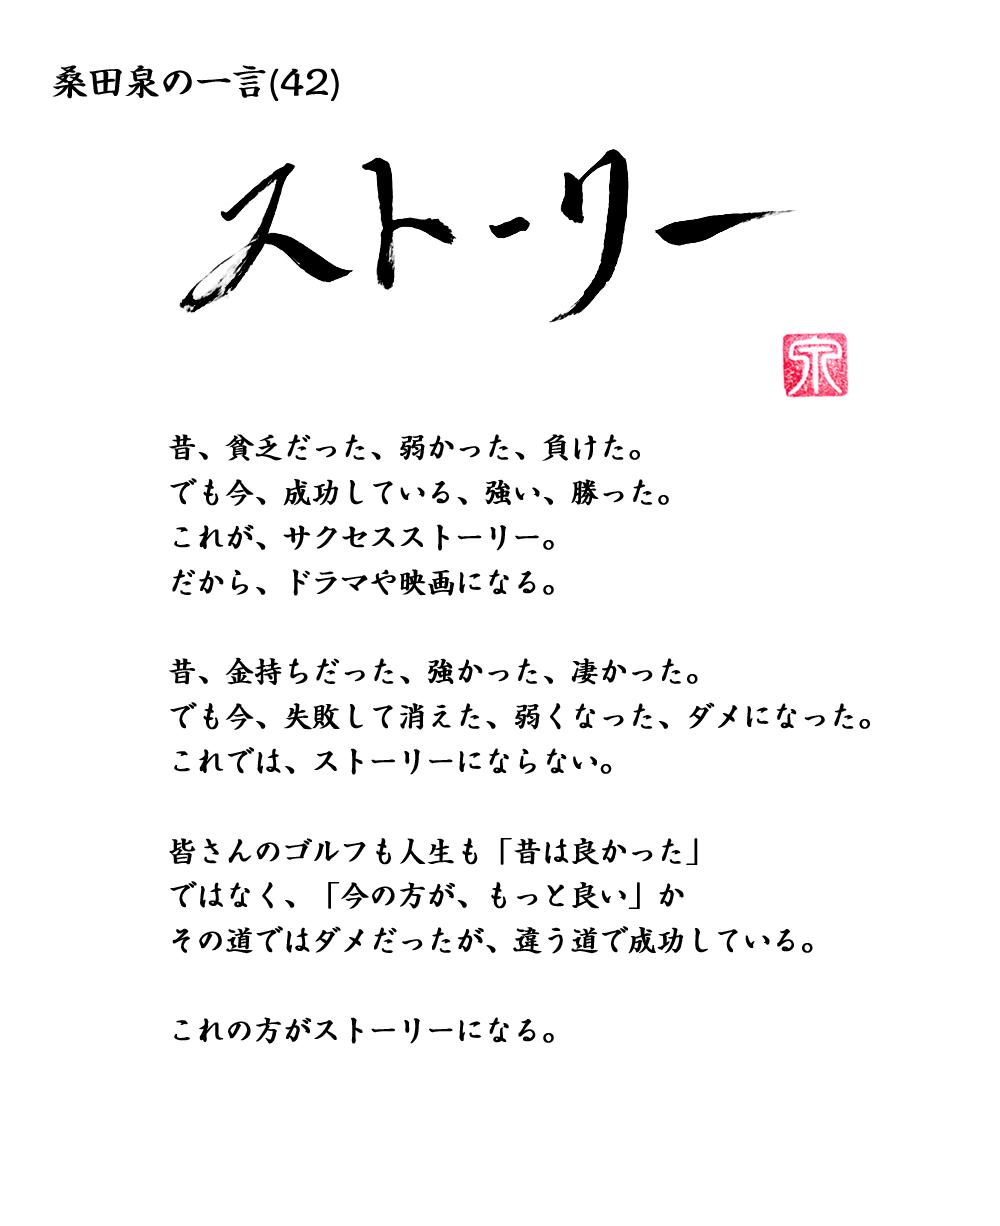 桑田泉の一言 「ストーリー」 42_20181121